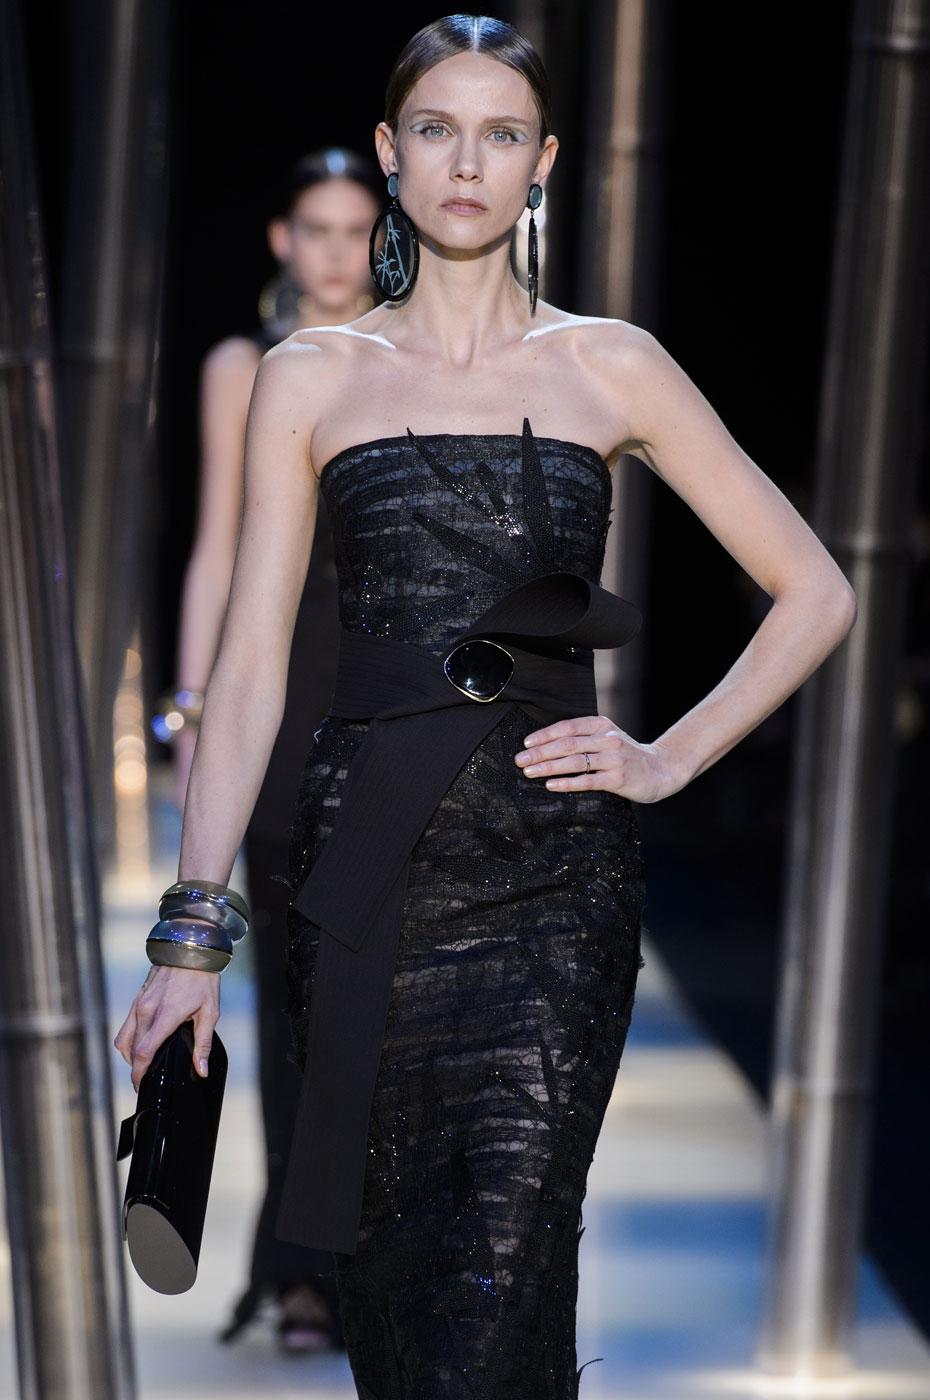 Giorgio-armani-Prive-fashion-runway-show-haute-couture-paris-spring-2015-the-impression-100